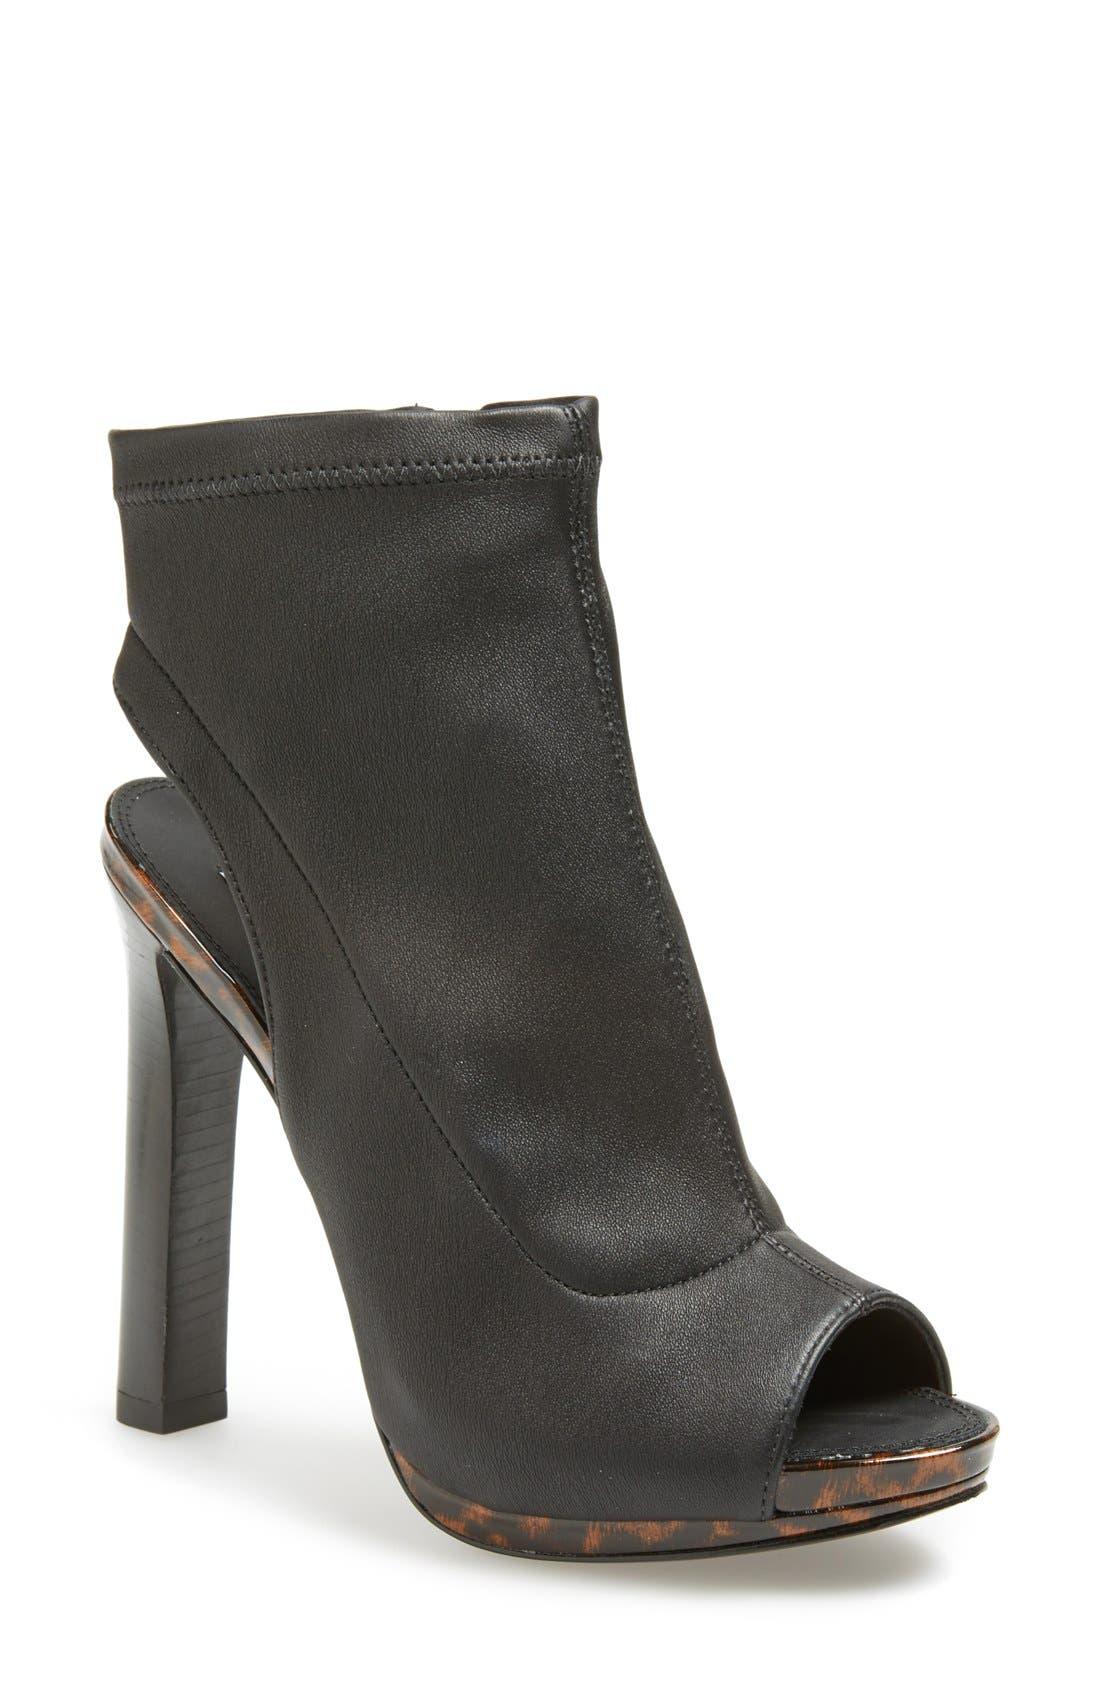 Main Image - Diane von Furstenberg 'Armara' Peep Toe Stretch Leather Bootie (Women)